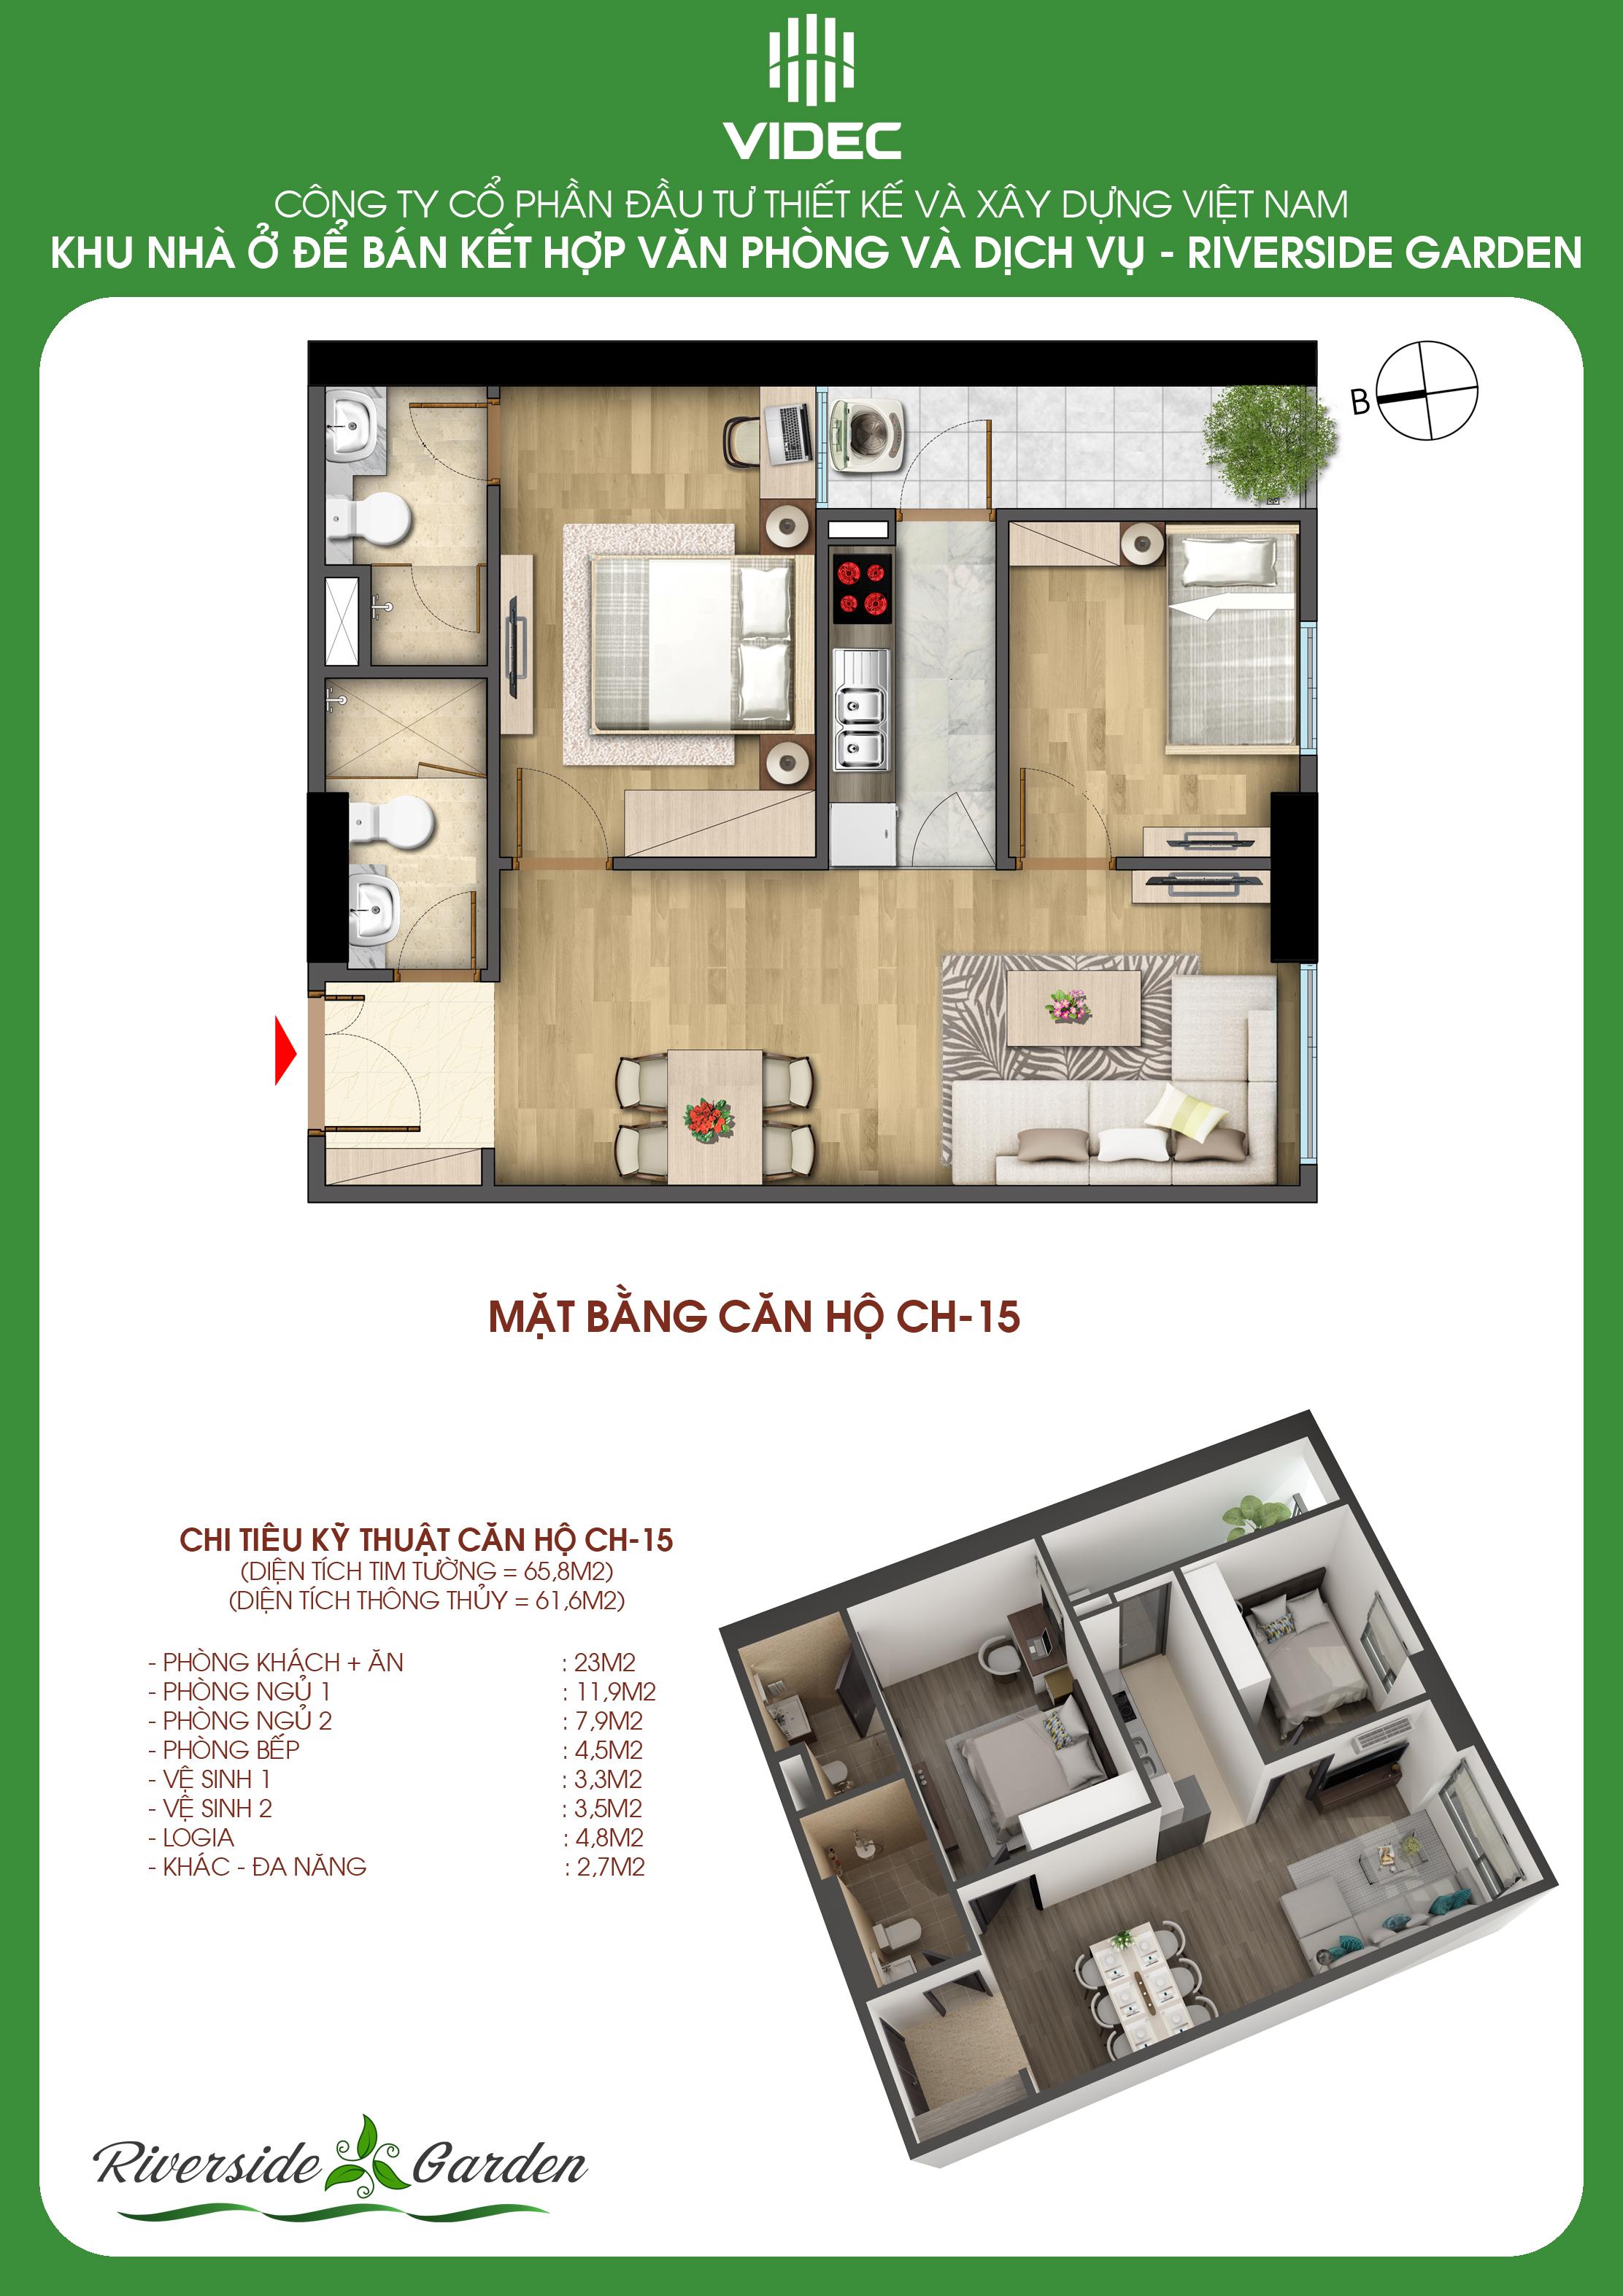 Căn hộ 2 phòng ngủ 61.6m2 xinh đẹp